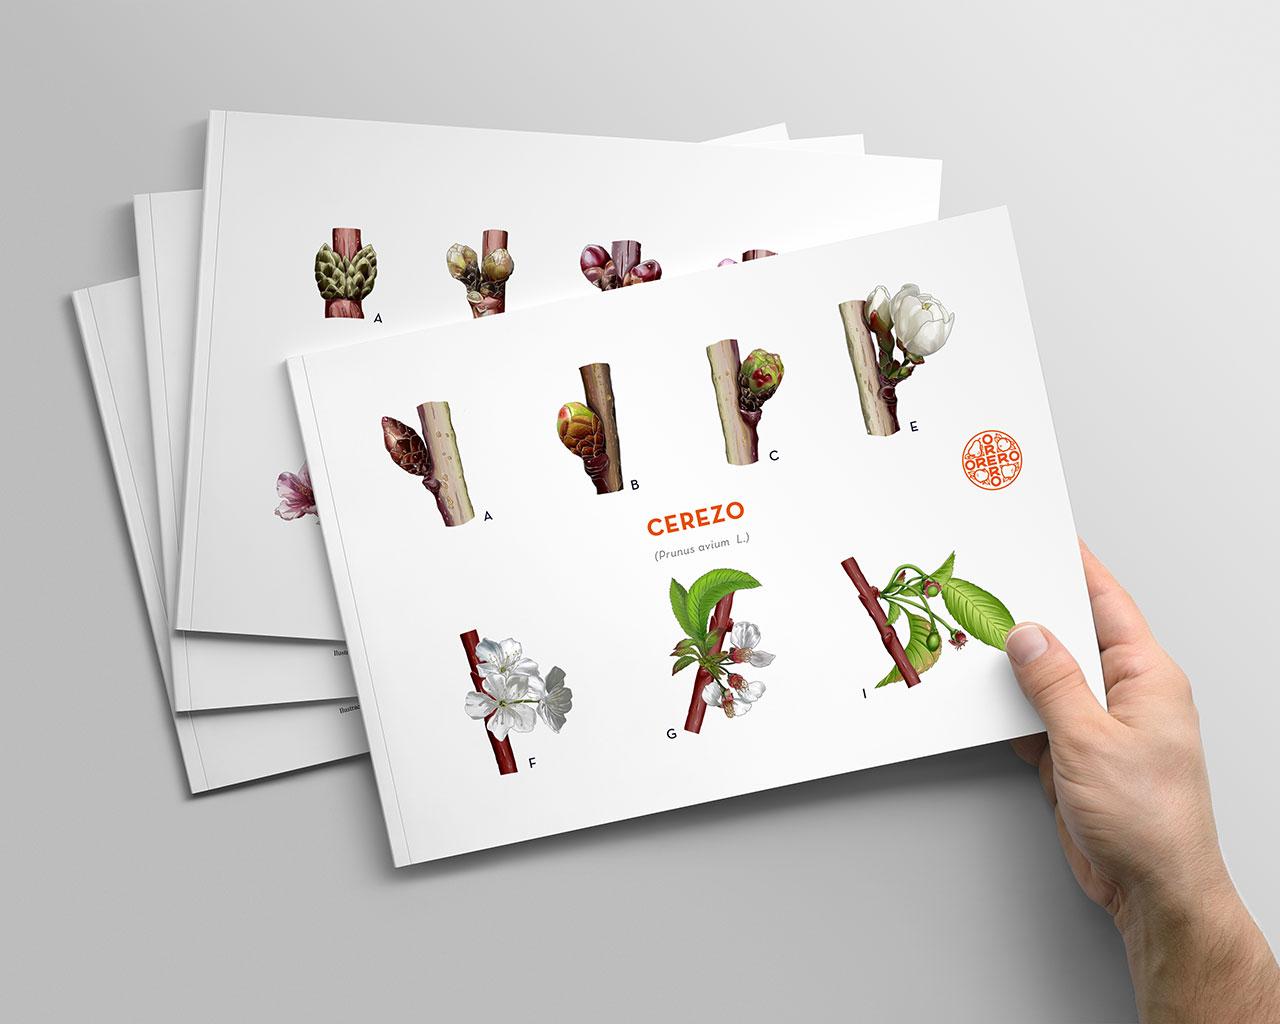 Ilustraciones y manuales de tratamientos fitosanitarios diseñados por Momo & Cía.